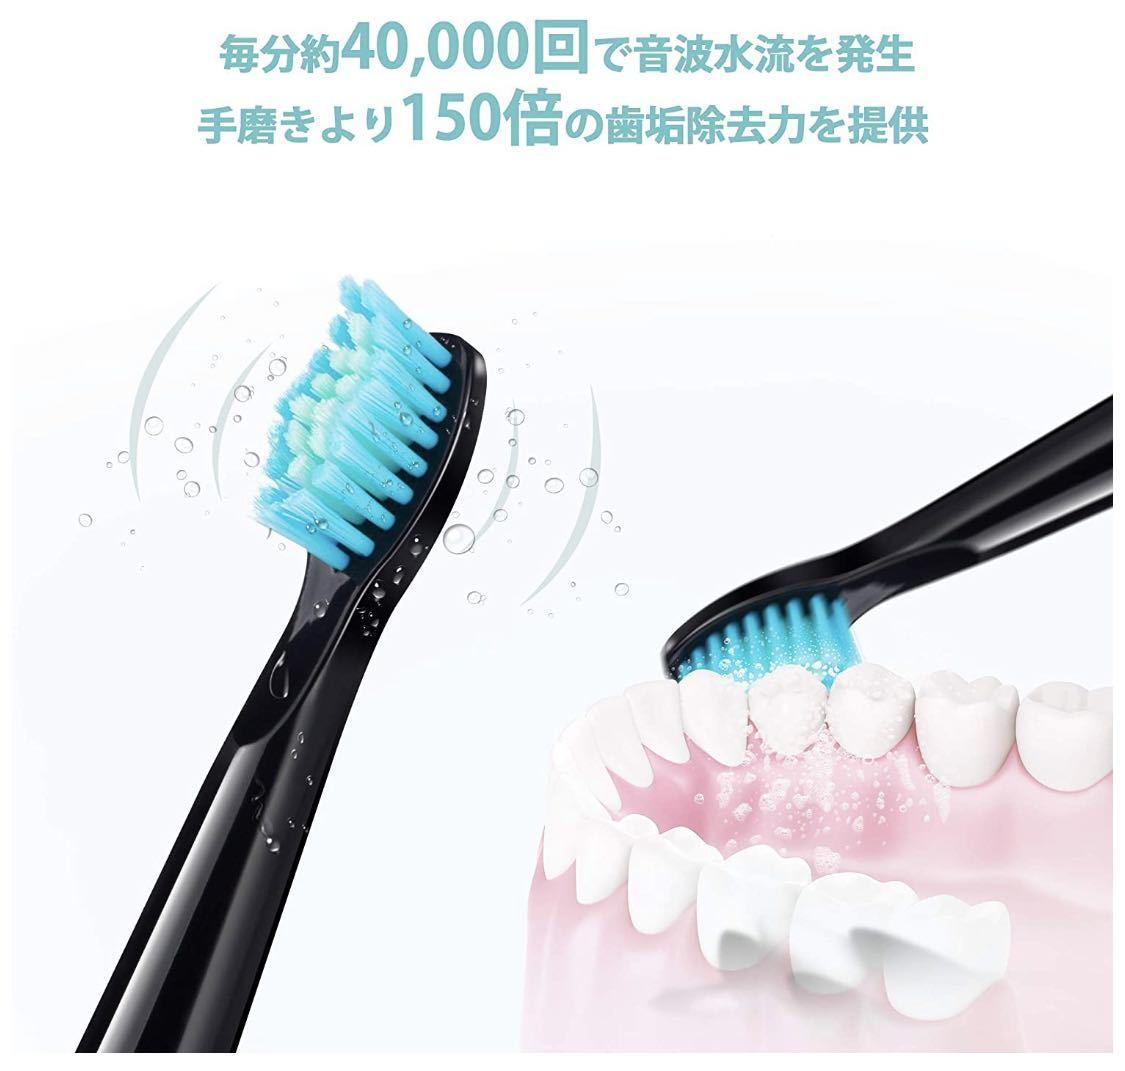 電動歯ブラシ 充電式 替えブラシ 音波歯ブラシ 歯ブラシ 音波式電動歯ブラシ 電動歯ブラシ 歯ブラシ ハブラシ INITIO 音波歯ブラシ USB充電